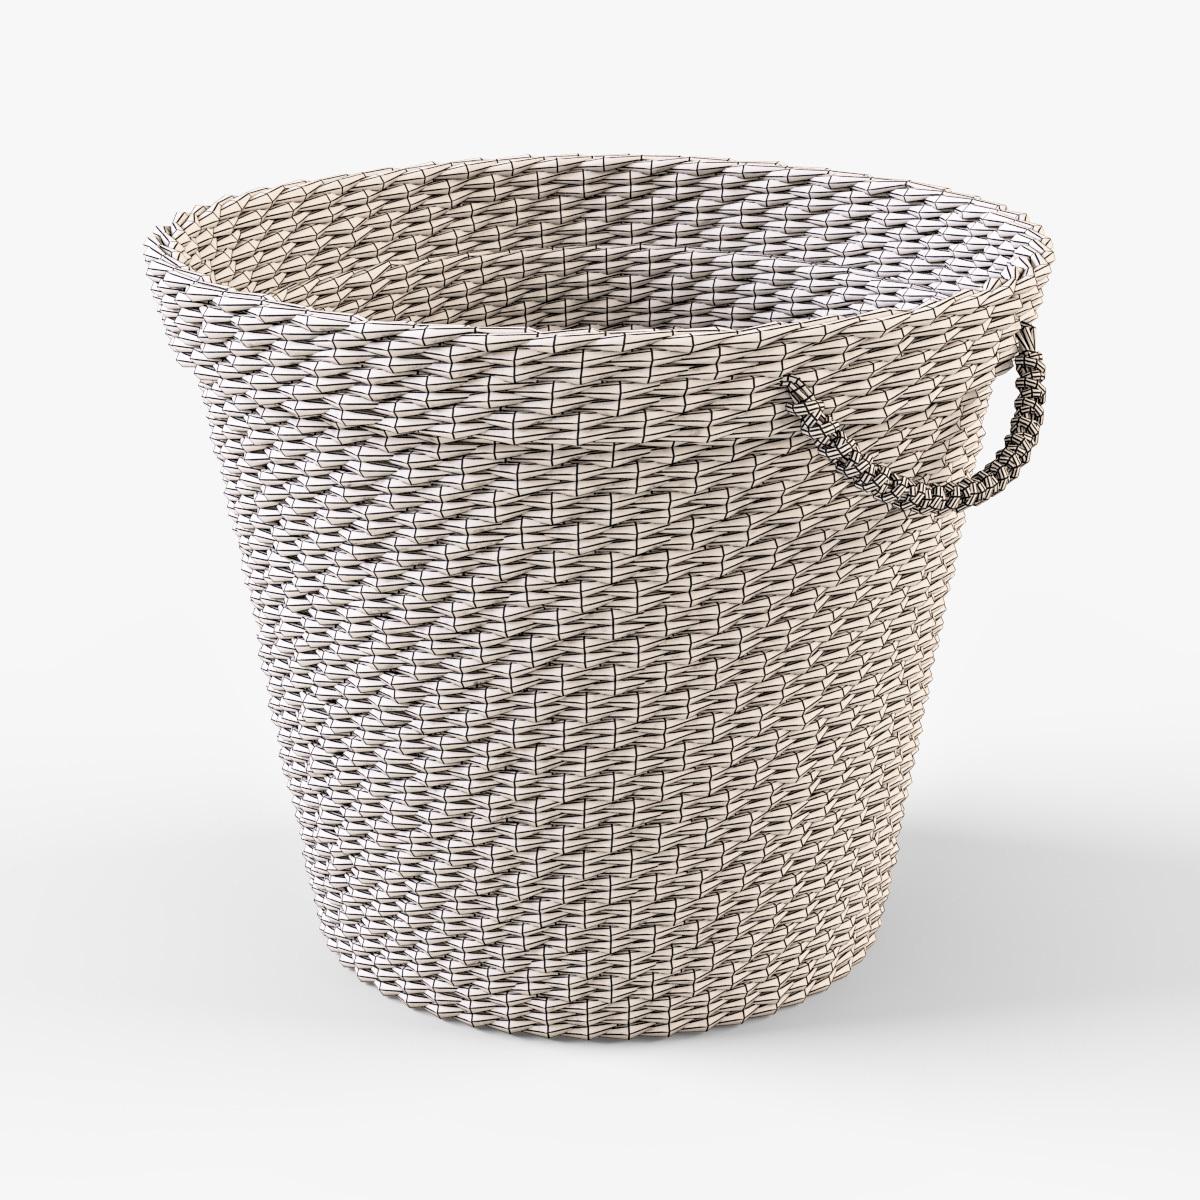 wicker basket ikea maffens by markelos 3docean. Black Bedroom Furniture Sets. Home Design Ideas